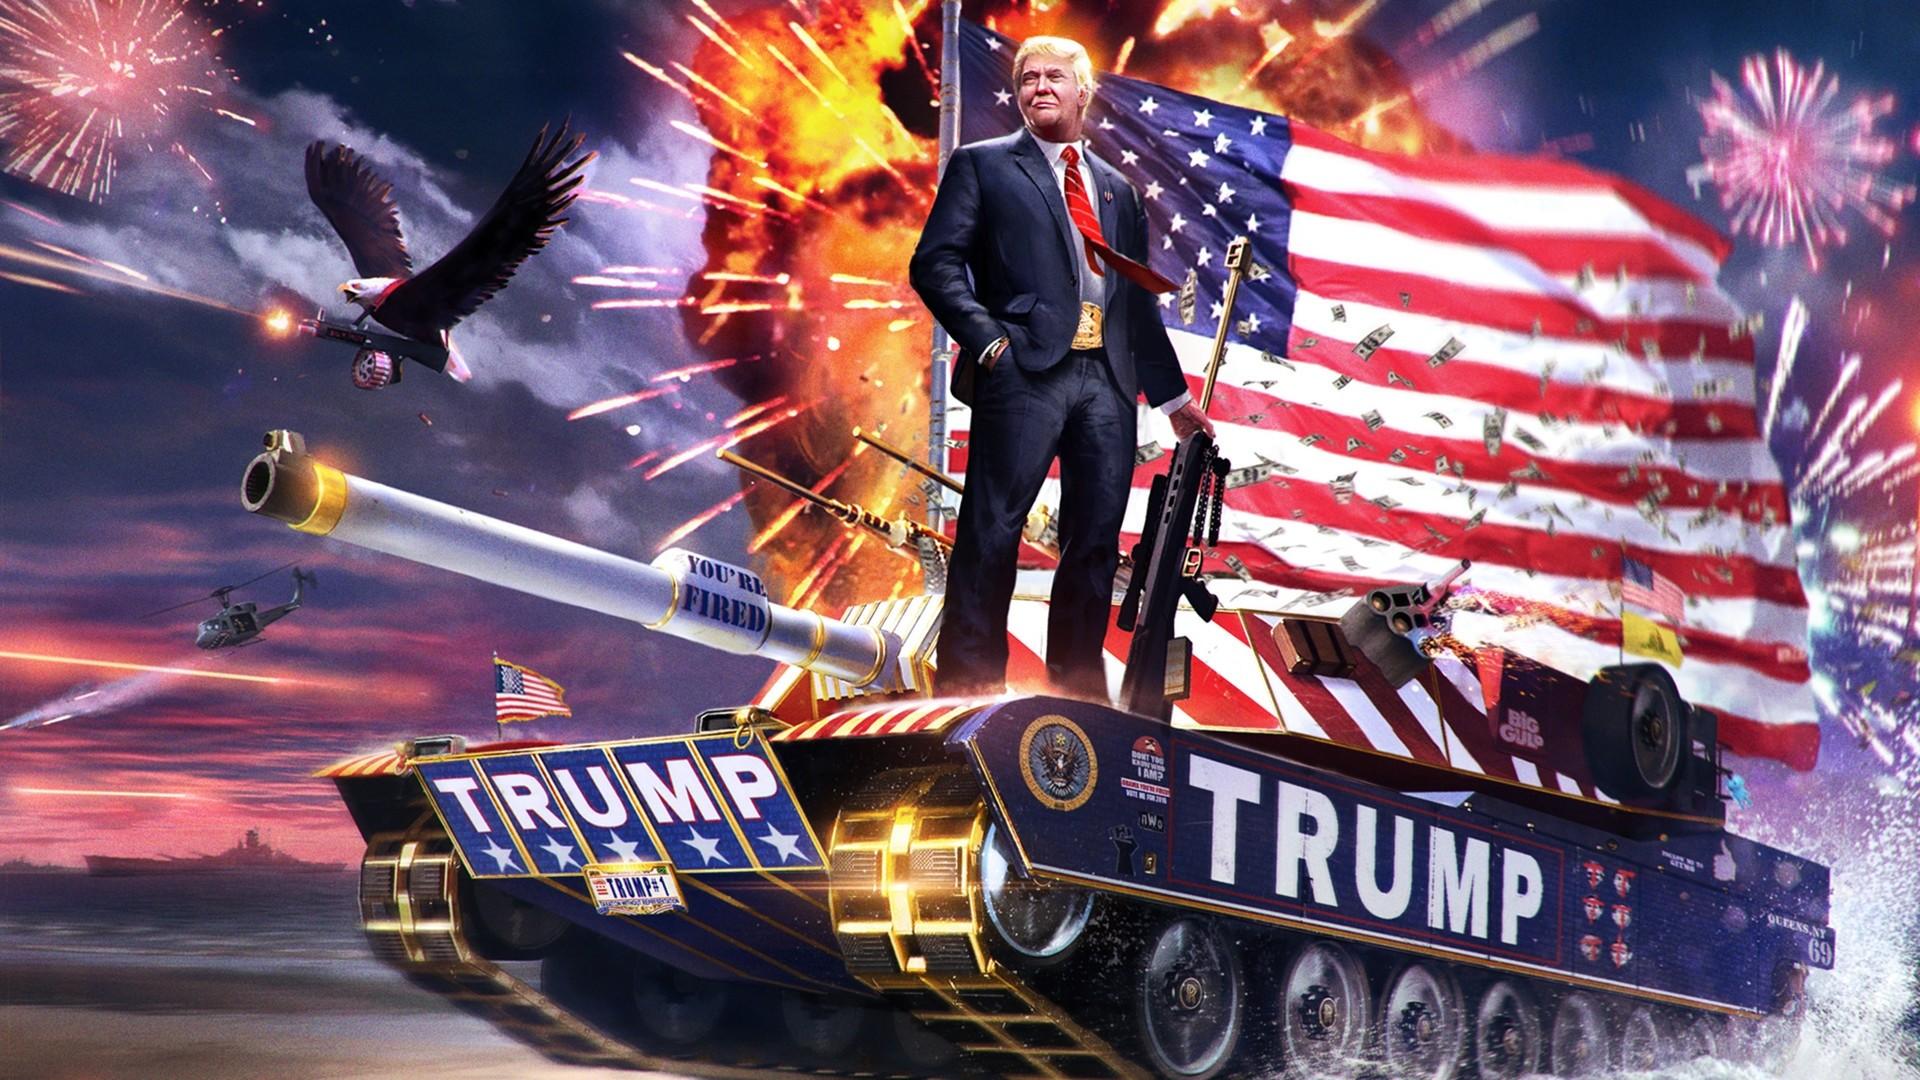 Donald Trump PC Wallpaper HD